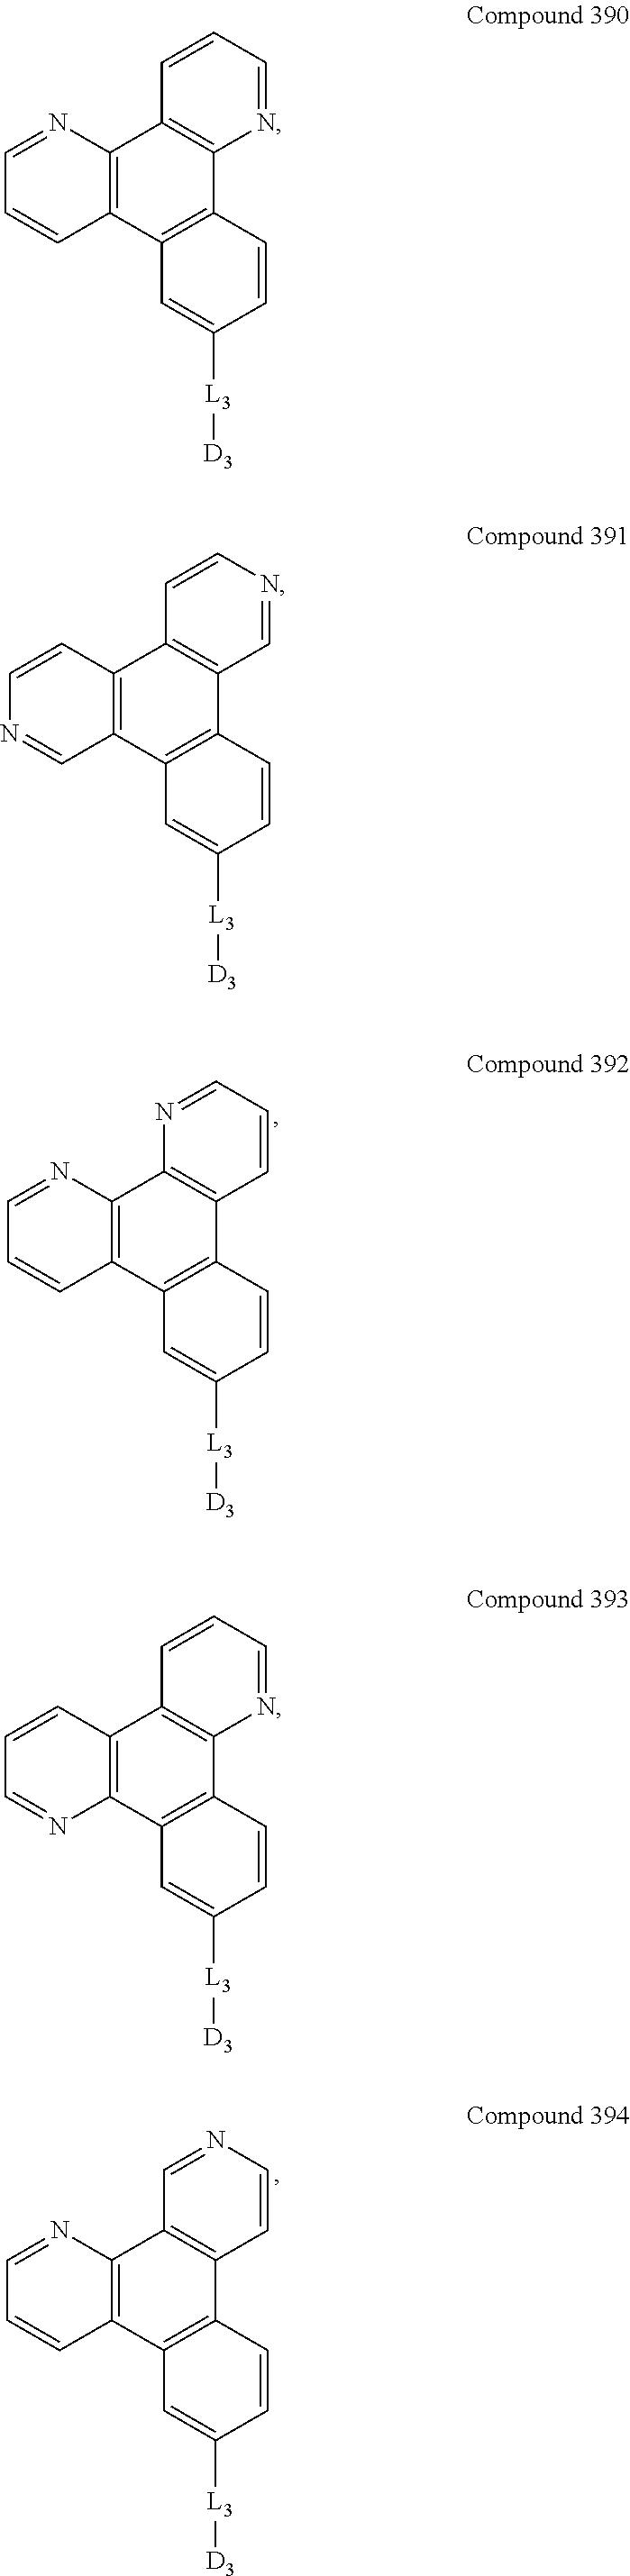 Figure US09537106-20170103-C00552